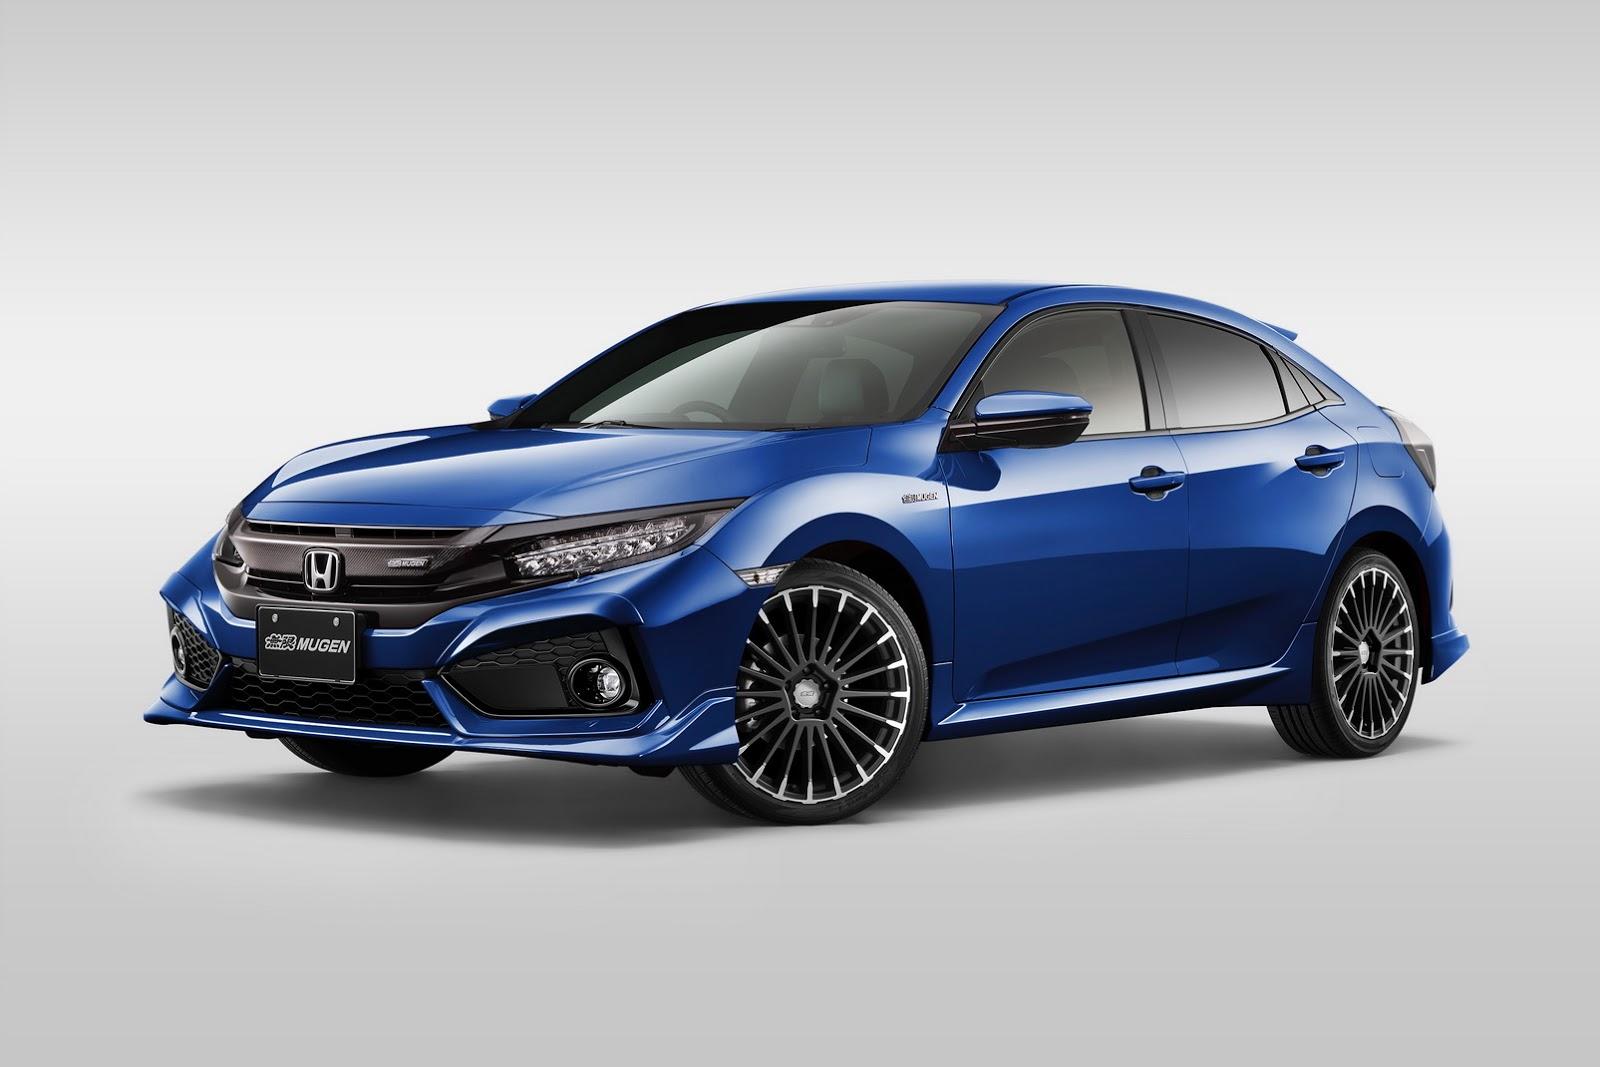 Honda_Civic_by_Mugen_0003